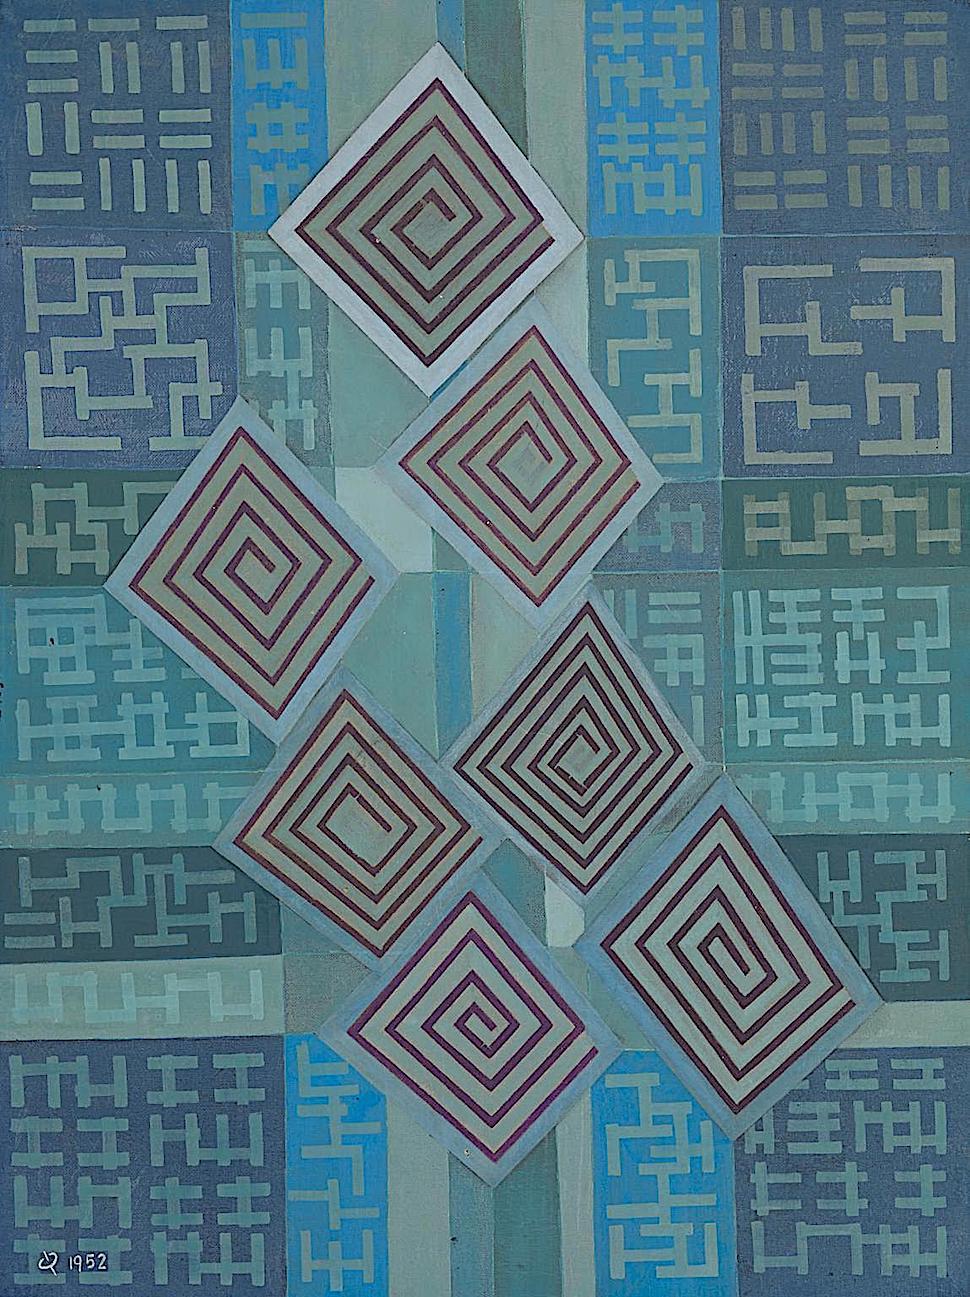 Oskar Fischinger 1952, blue Japan theater art